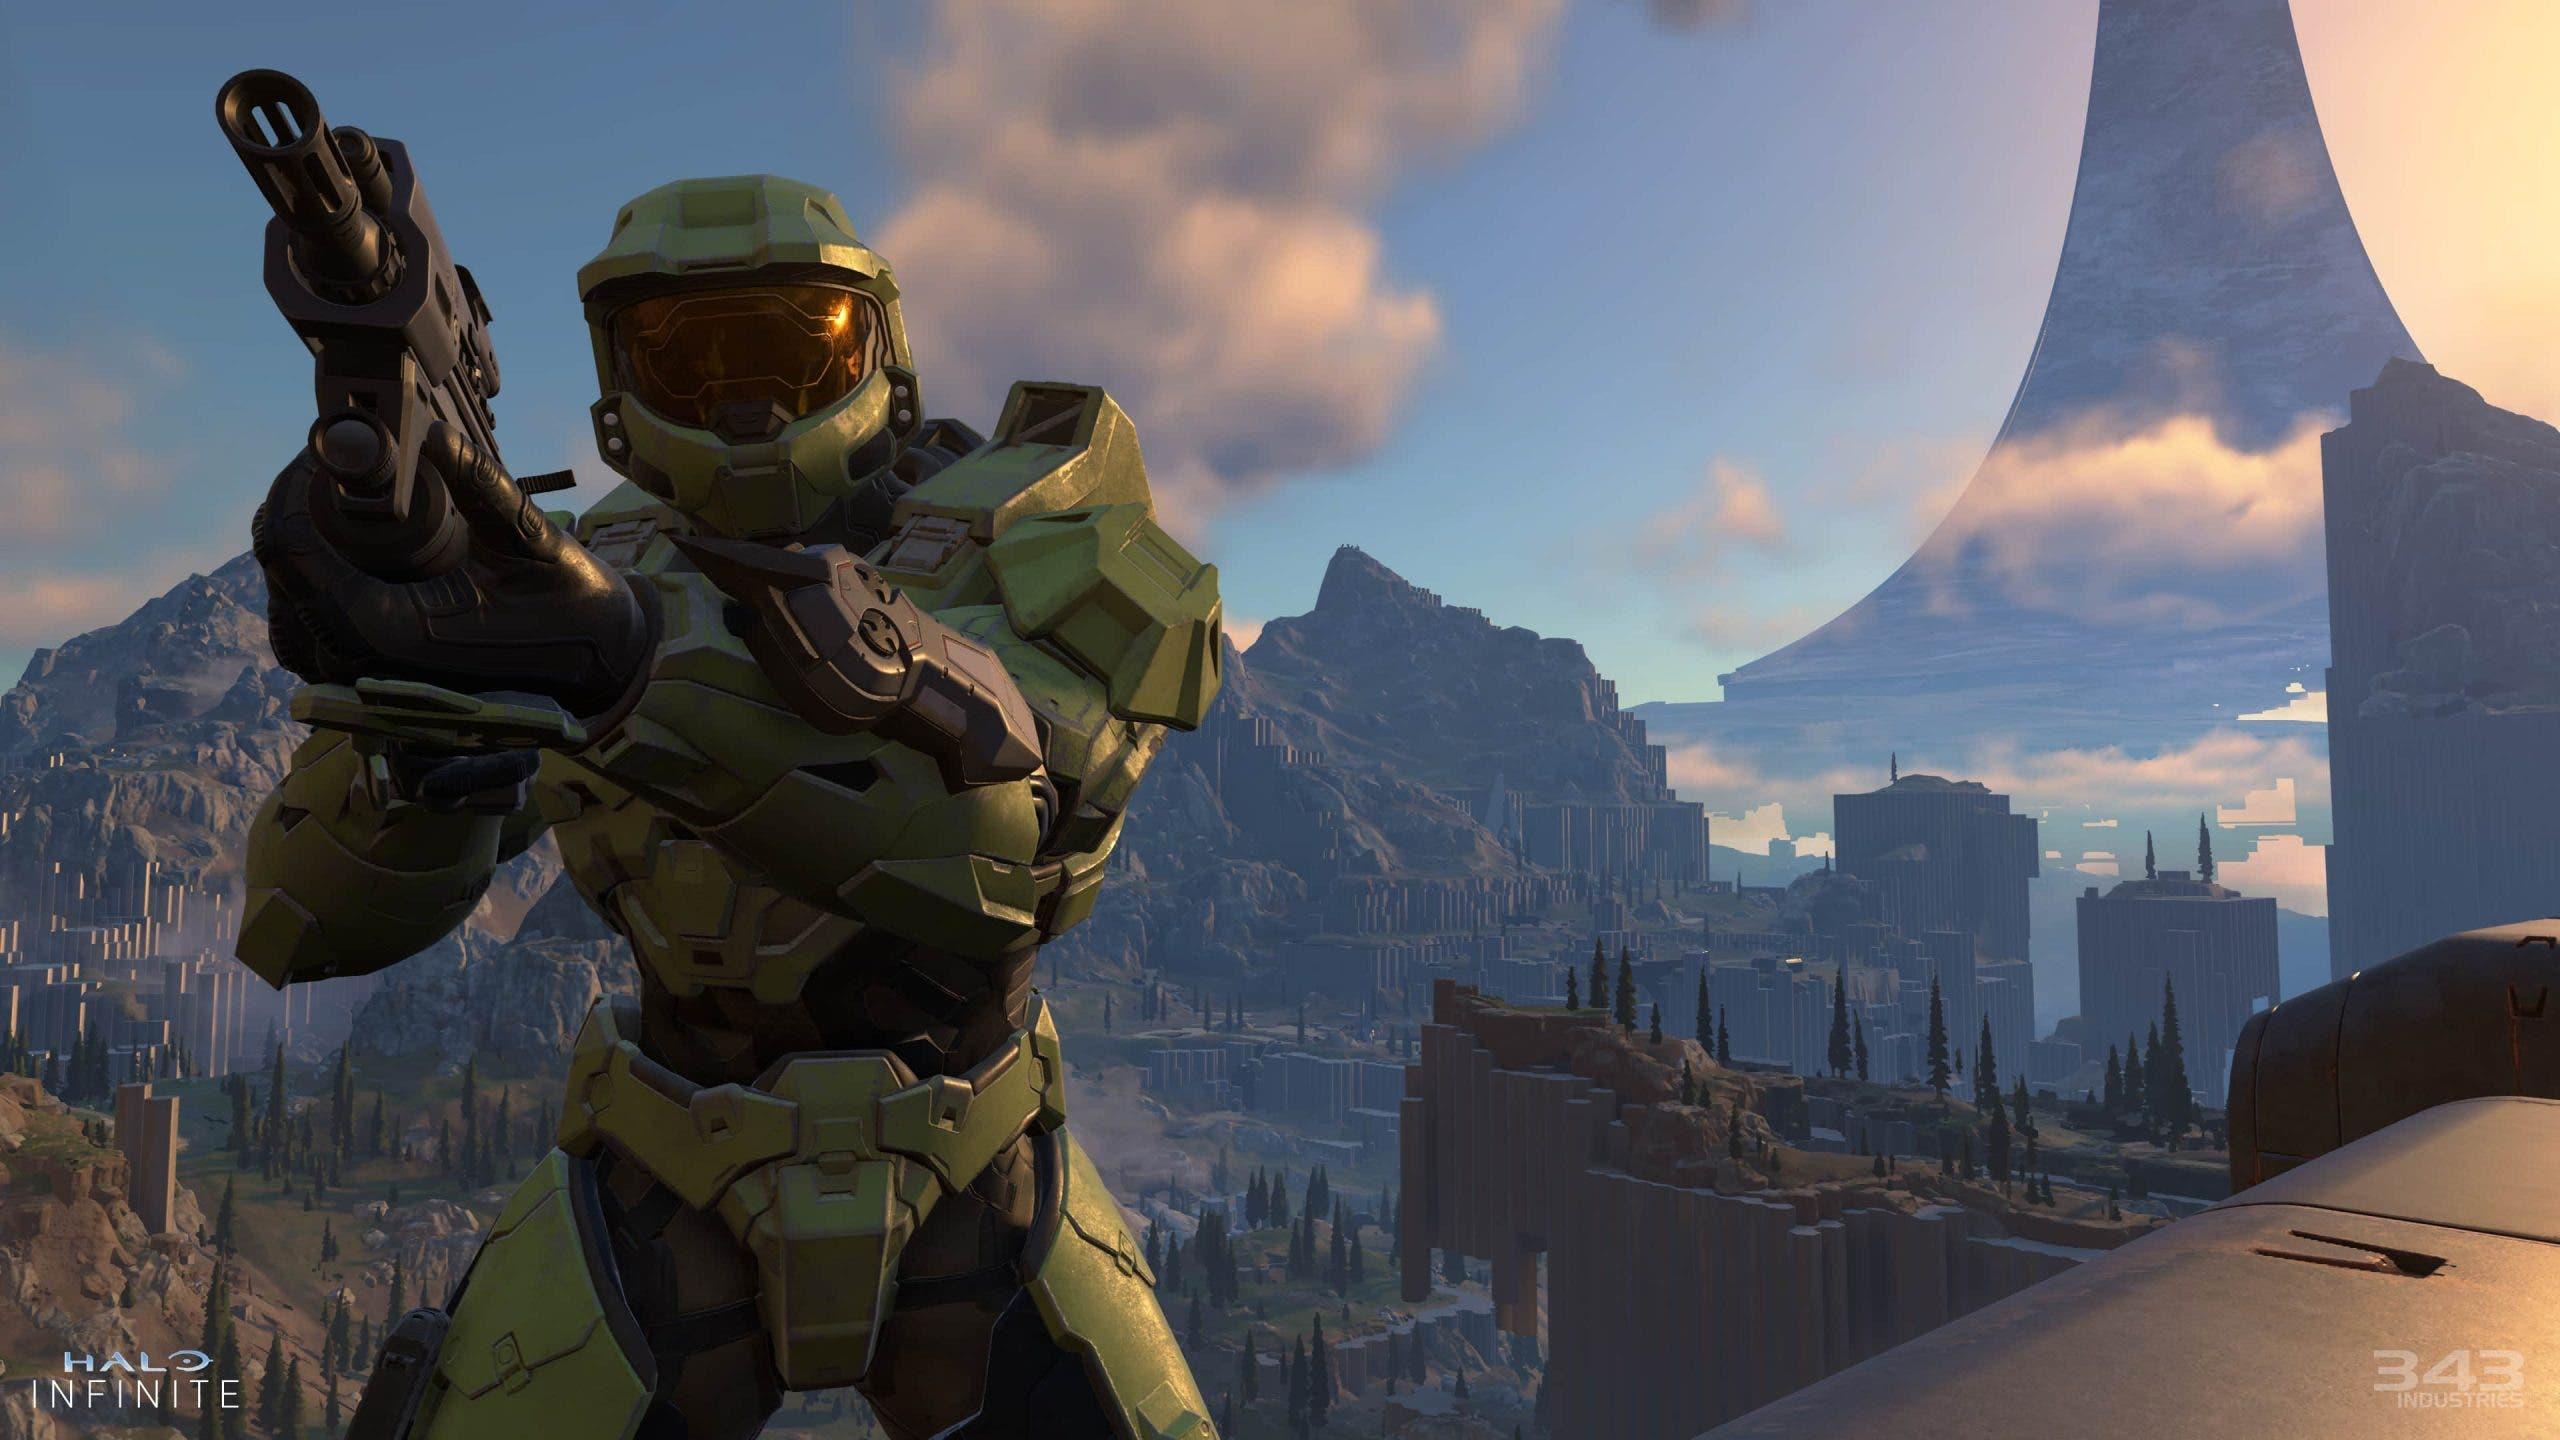 Recrean el gameplay de Halo Infinite como si fuese ejecutado por una Nintendo 64 2